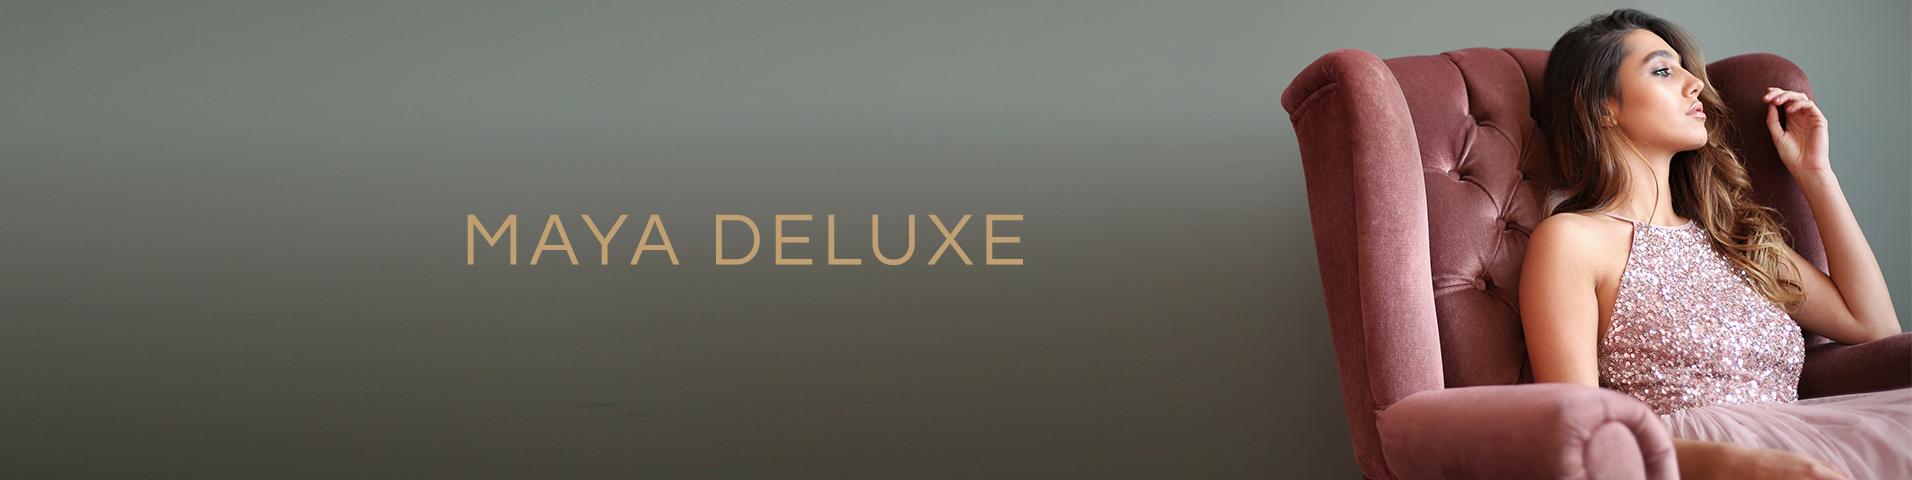 Maya Deluxe Online-Shop | Maya Deluxe versandkostenfrei bei